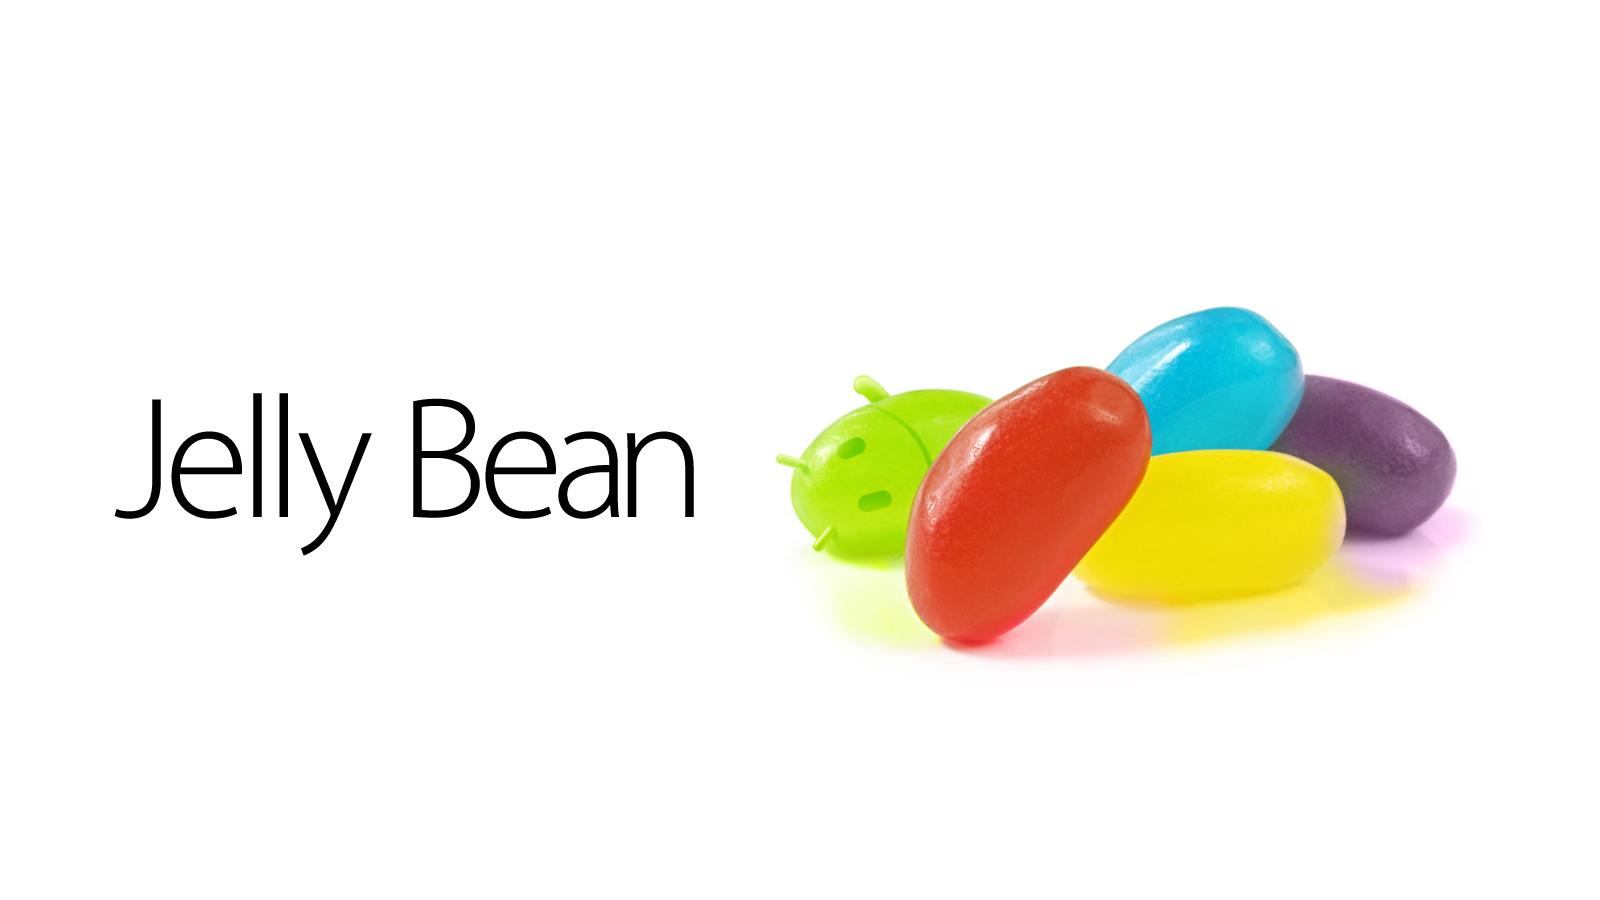 E' ufficiale: Jelly Bean è la versione più diffusa di Android